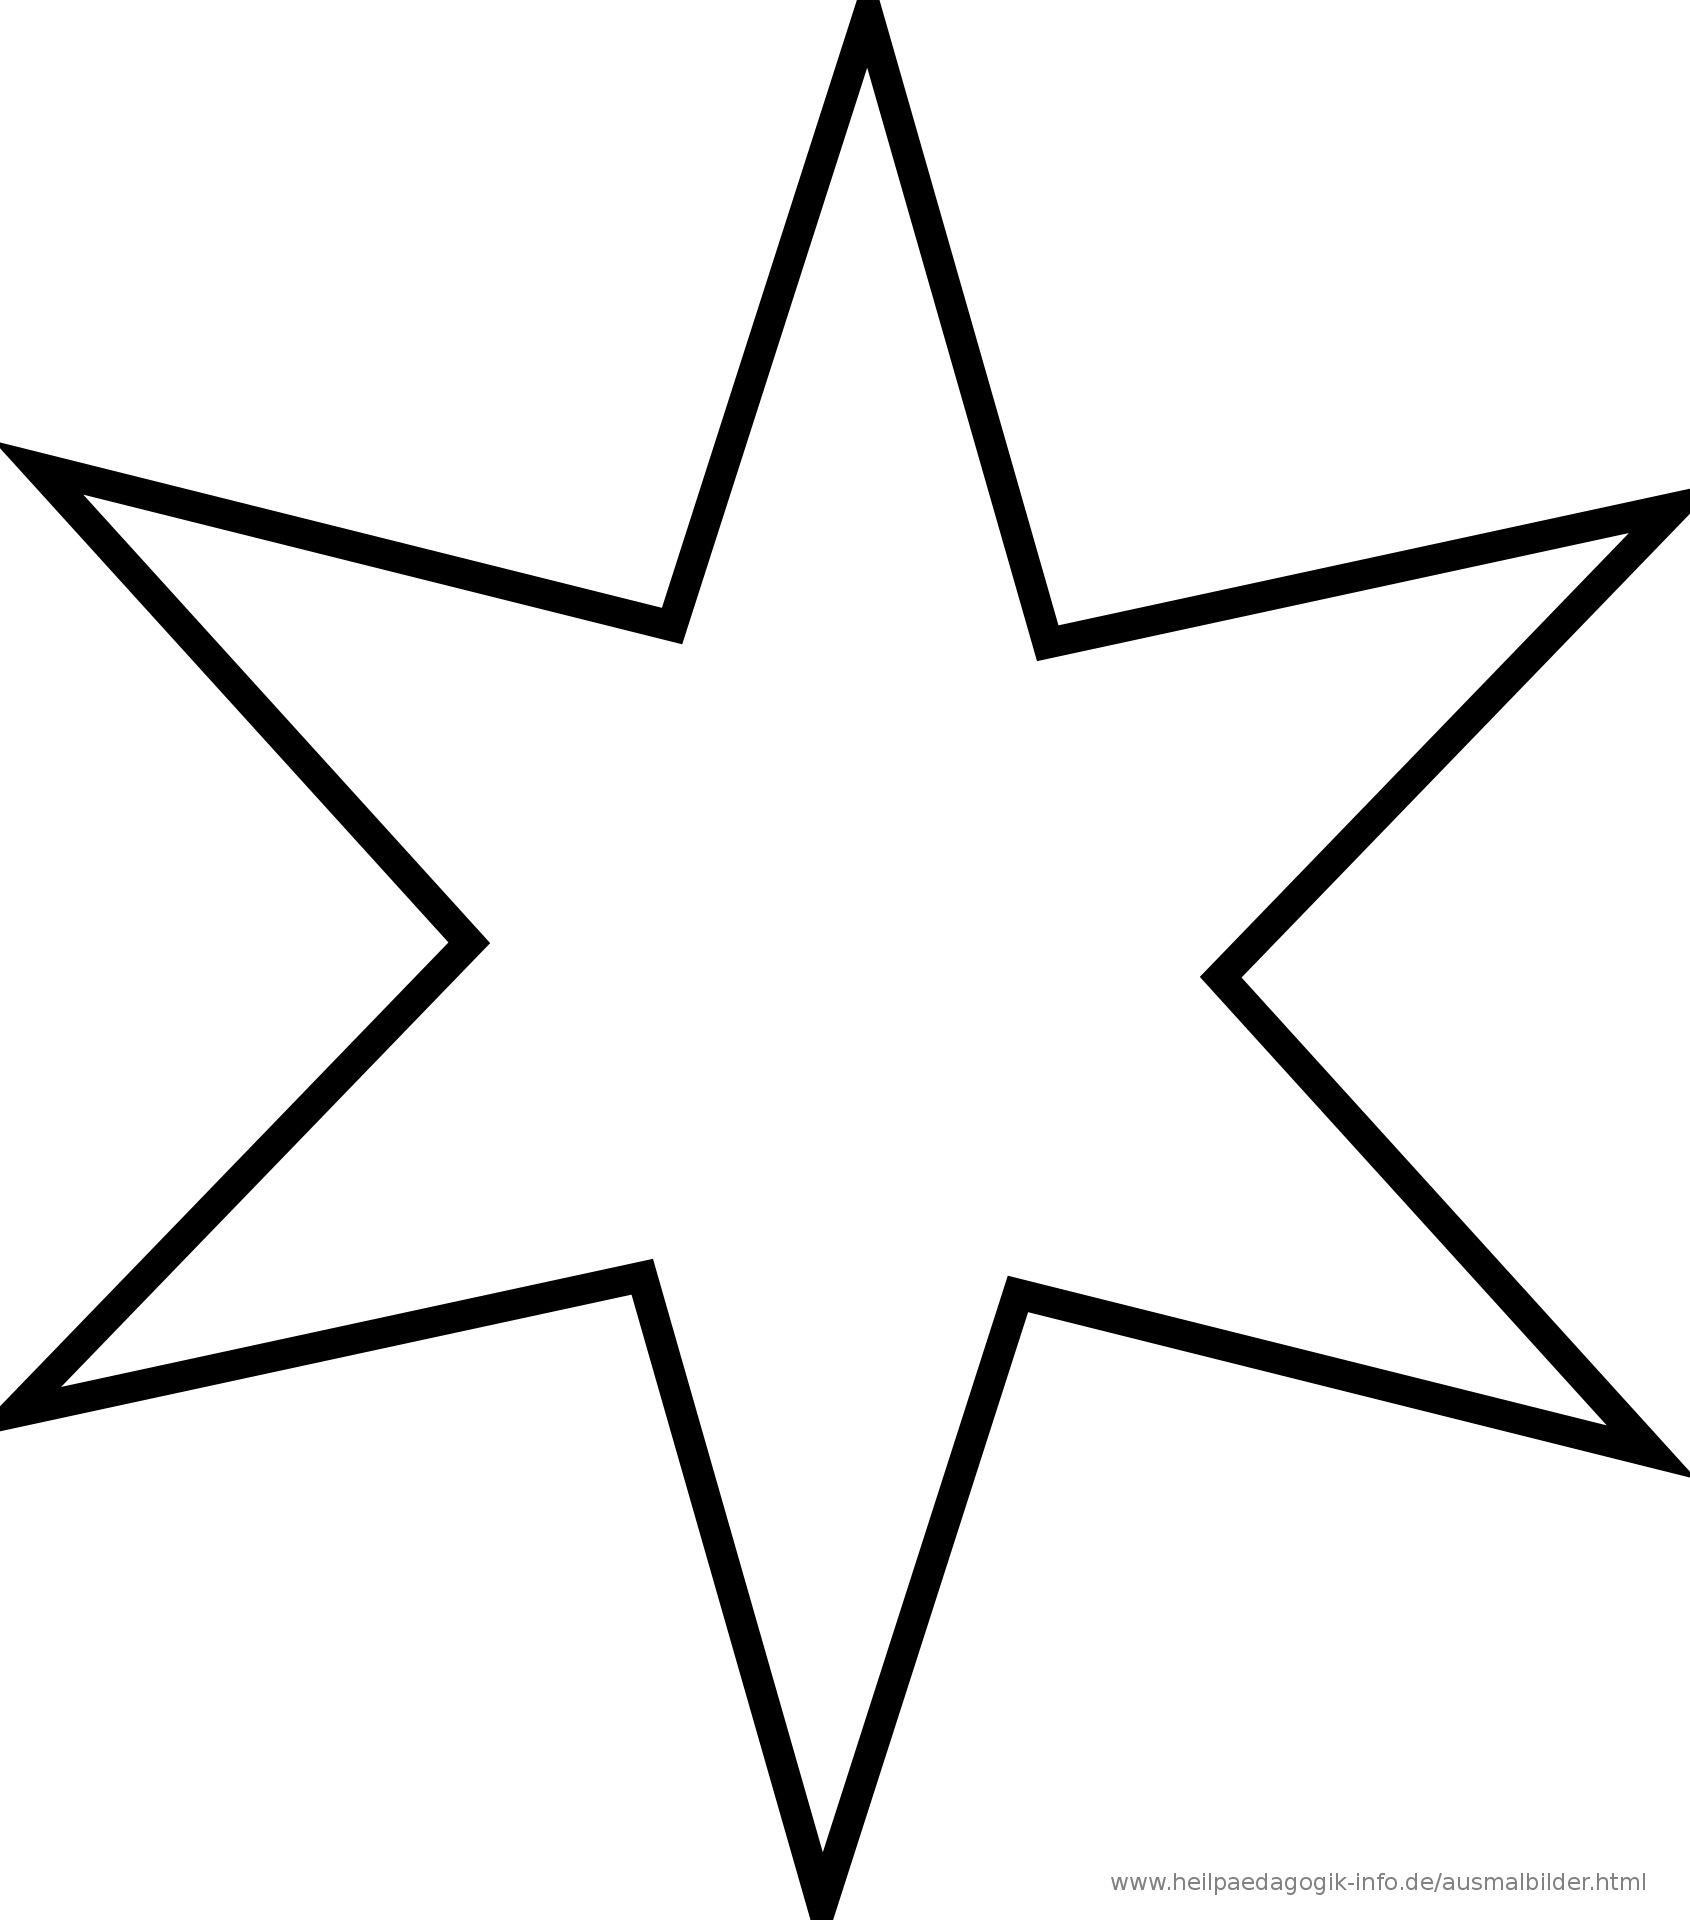 Ausmalbilder Zum Ausdrucken Sterne Modern Stern Vorlage